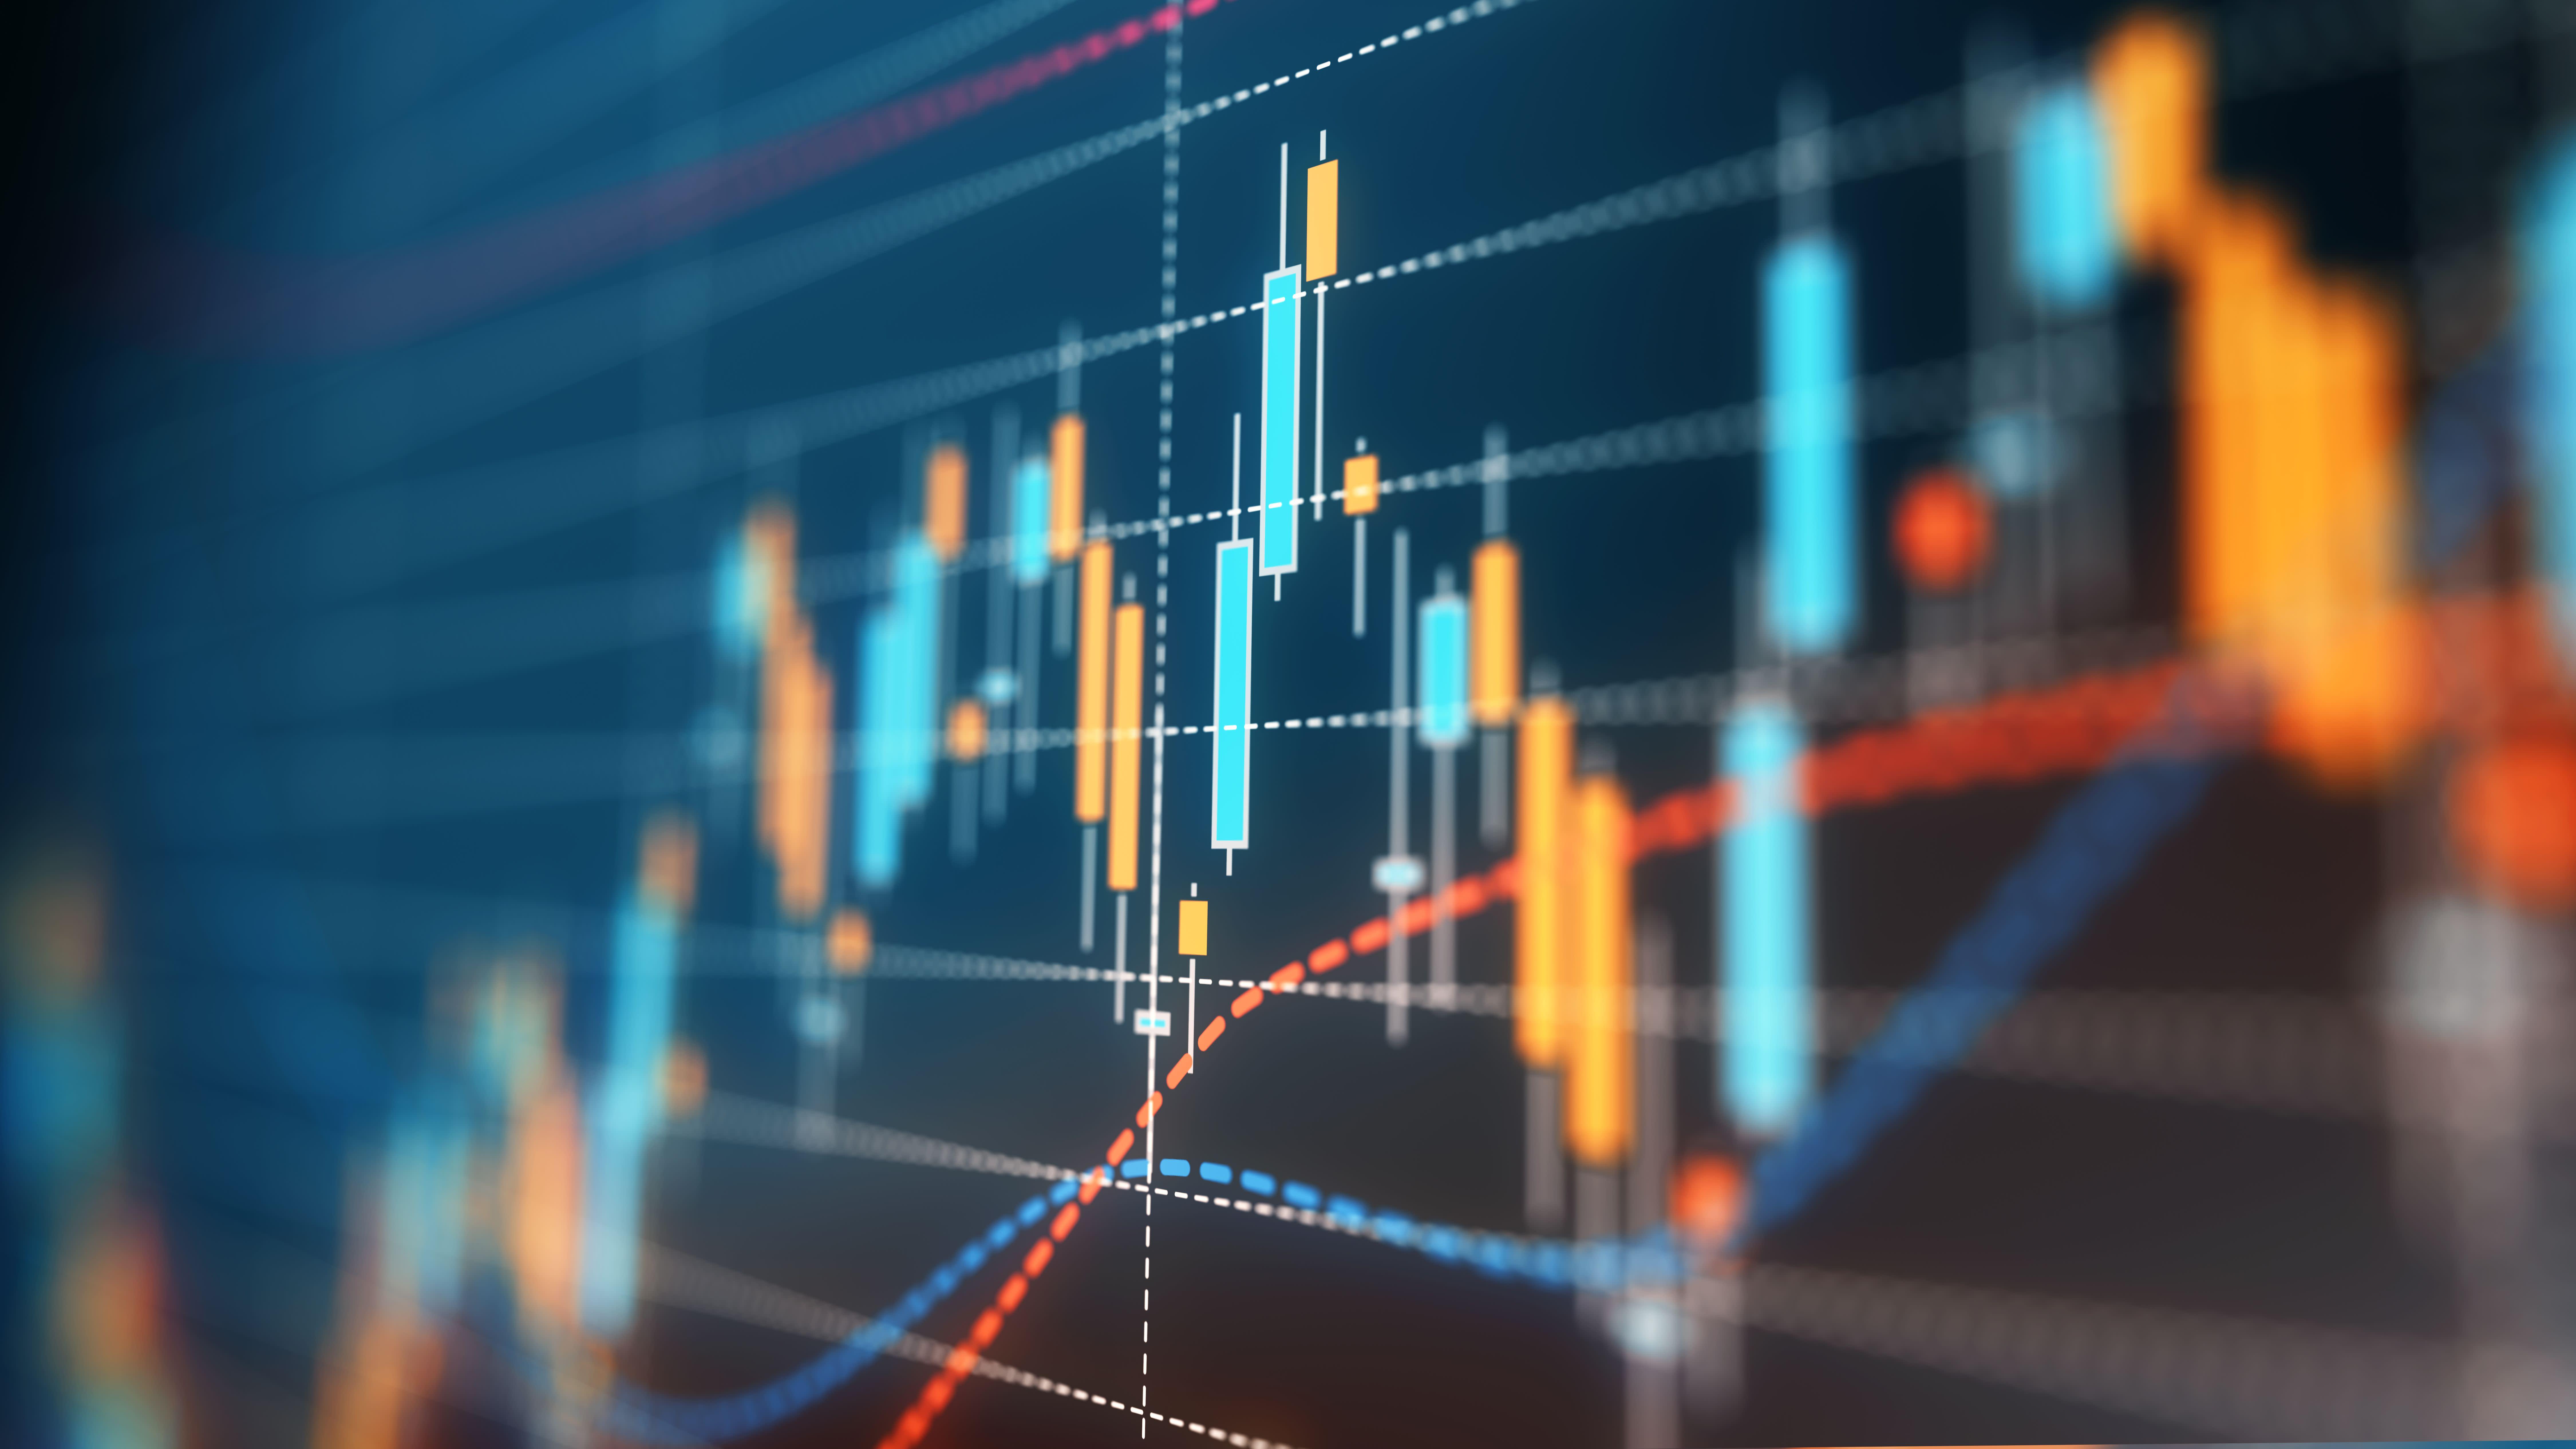 US STOCKS-Wall Street gains on Boeing surge and coronavirus drug hopes